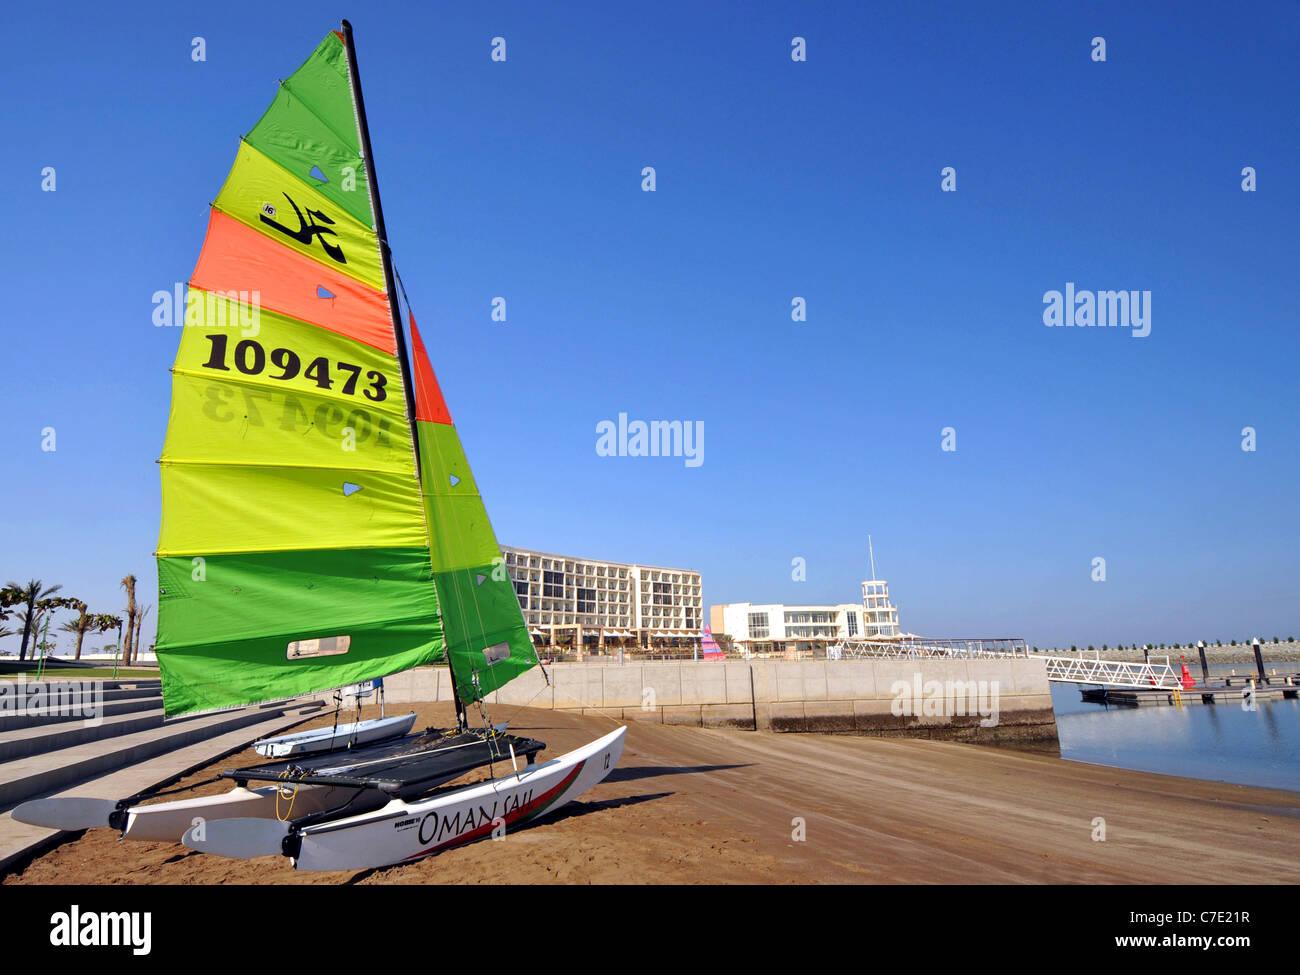 Millennium Resort Mussanah, Oman. Immagini Stock